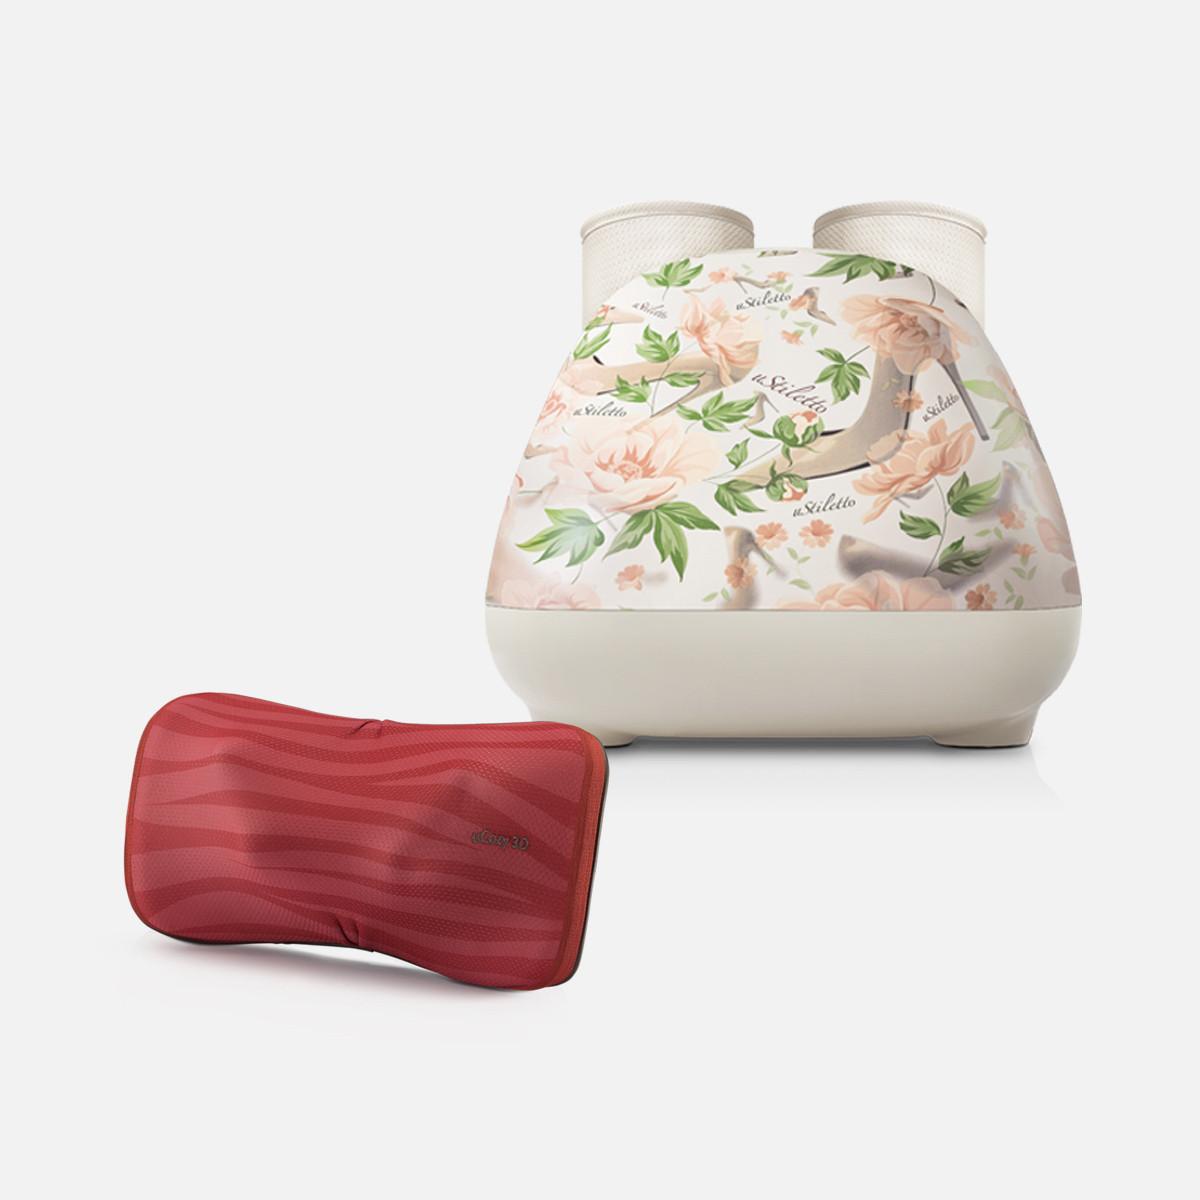 uCozy 3D (Stripe) + uStiletto (Homemaker)